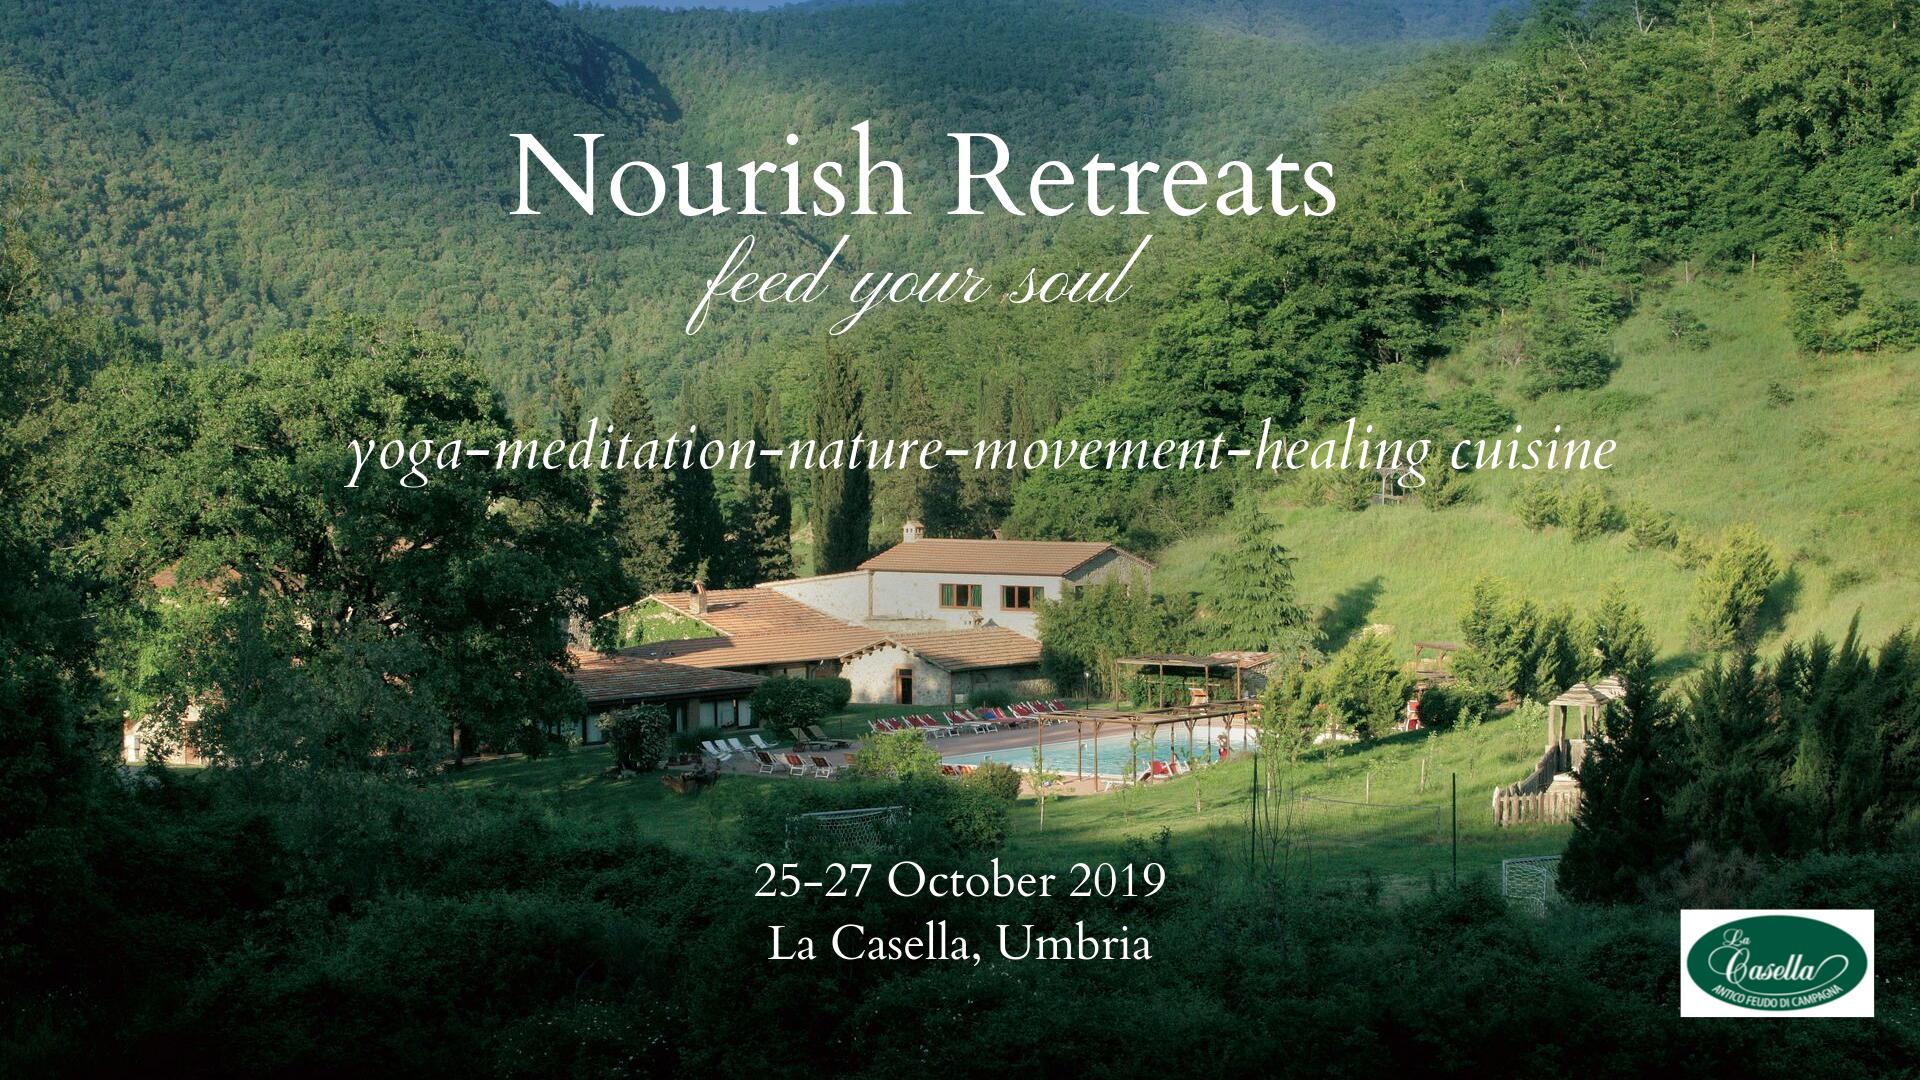 Nourish October Casella FB Event Cover.png